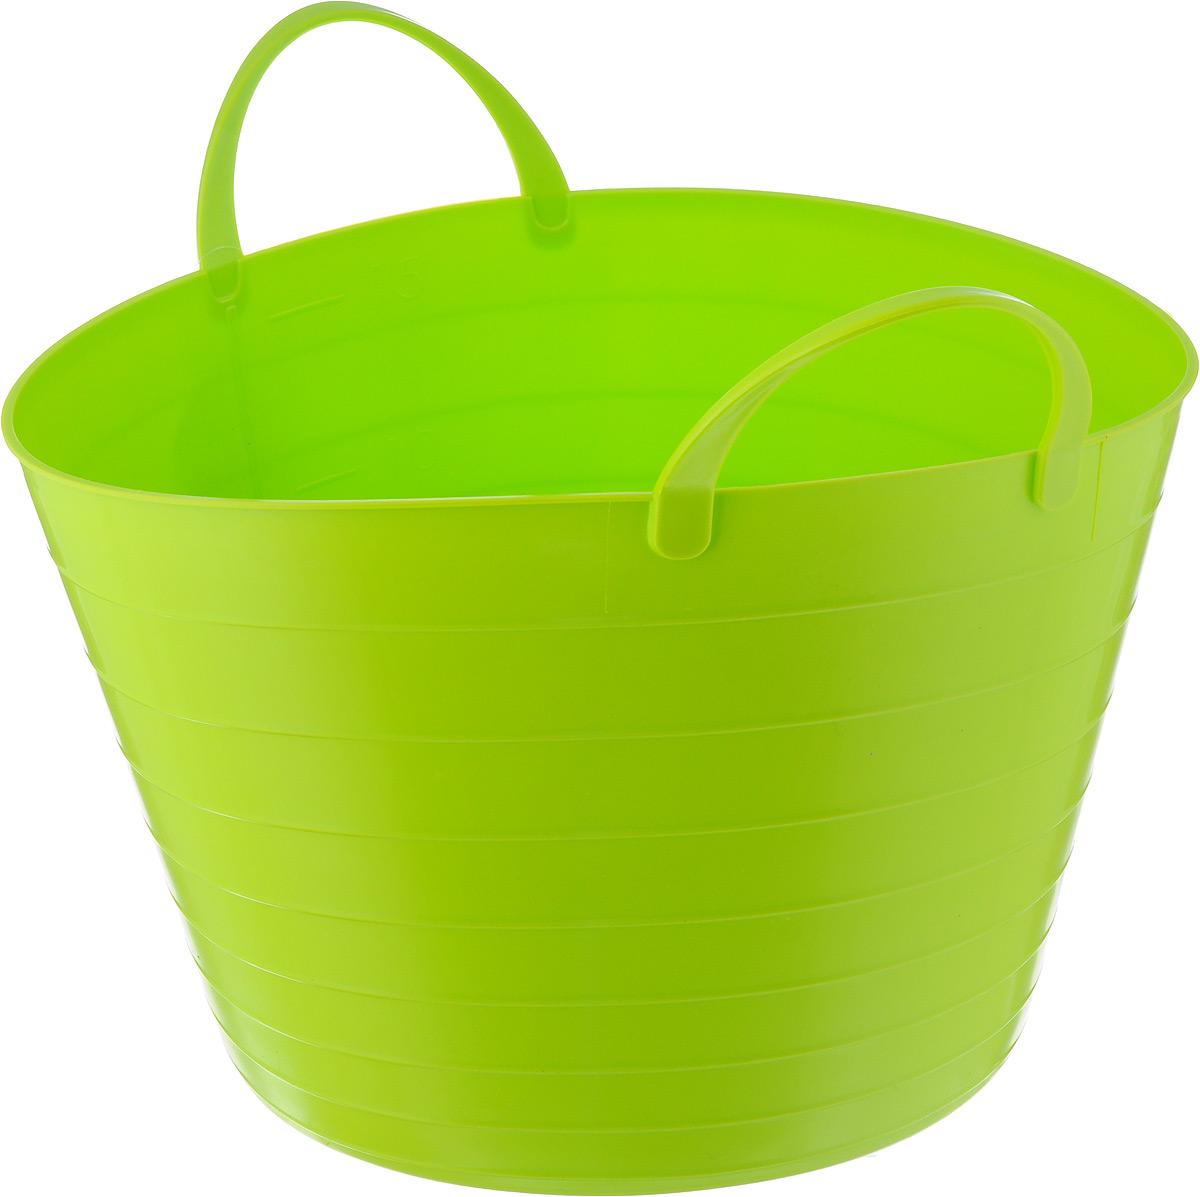 Корзина мягкая Idea, цвет: ярко-зеленый, 17 лМ 2880Мягкая корзина Idea изготовлена из гибкого полиэтилена и оснащена двумя удобными ручками. Внутренняя поверхность имеет отметки литража. Такой корзинке можно найти множество применений в быту: для строительства, для сбора фруктов, овощей и грибов, для хранения бытовых предметов и многого другого. Такая корзина пригодится в любом хозяйстве.Размер (без учета ручек): 33,5 х 33,5 х 24 см.